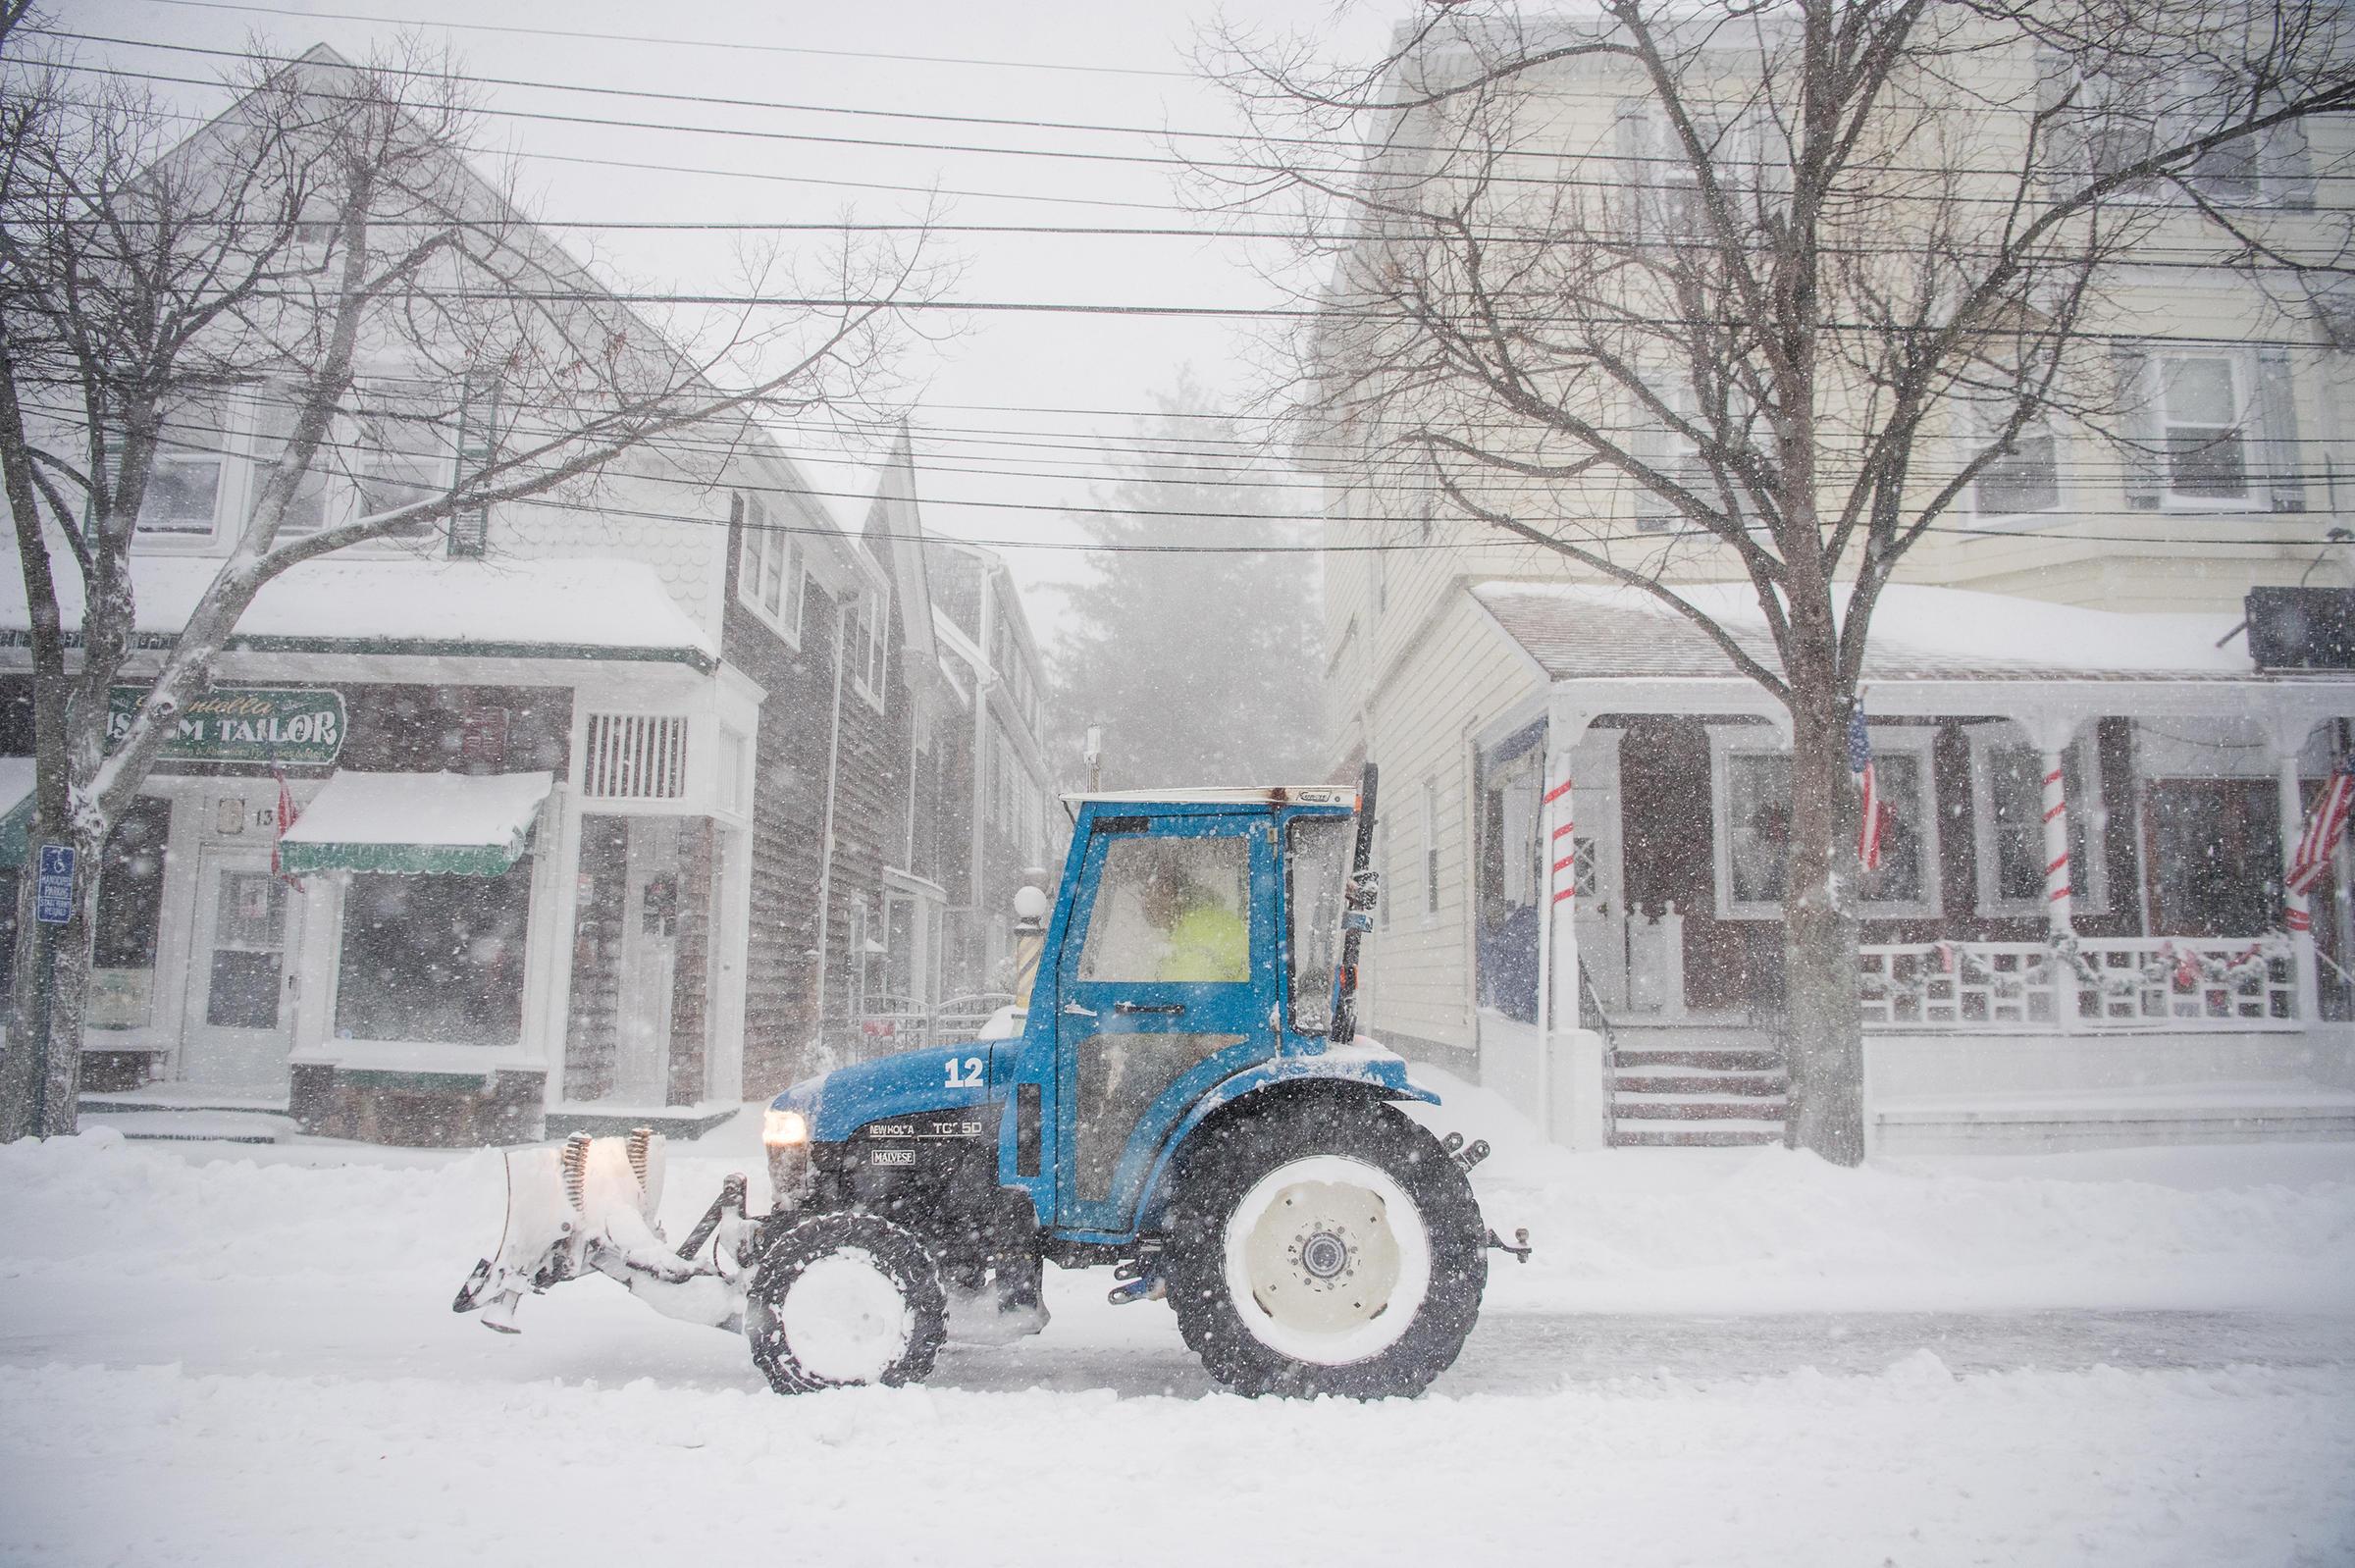 Snow causing major problems for SC